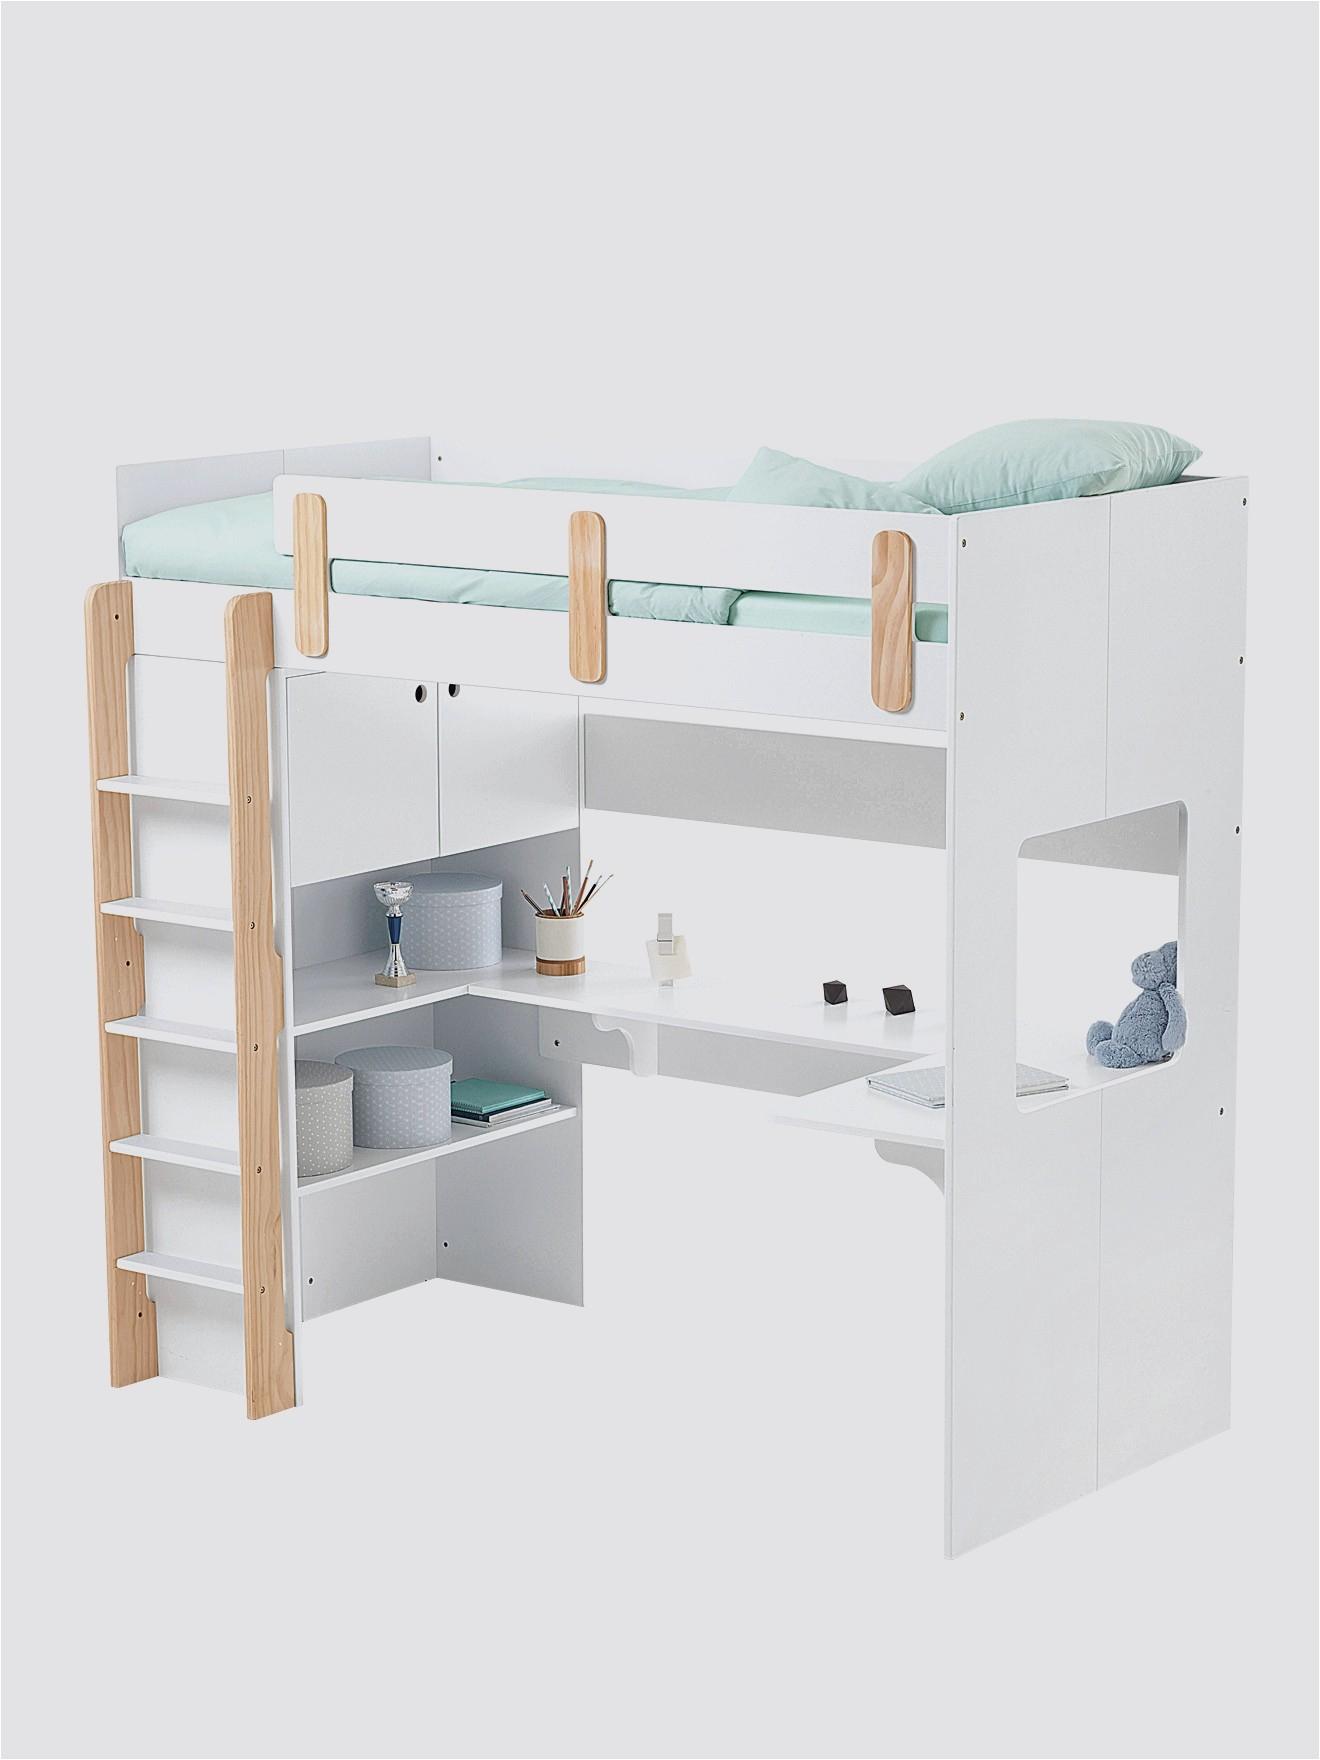 canap 120 cm longueur frais images canap bz matelas 15 cm. Black Bedroom Furniture Sets. Home Design Ideas